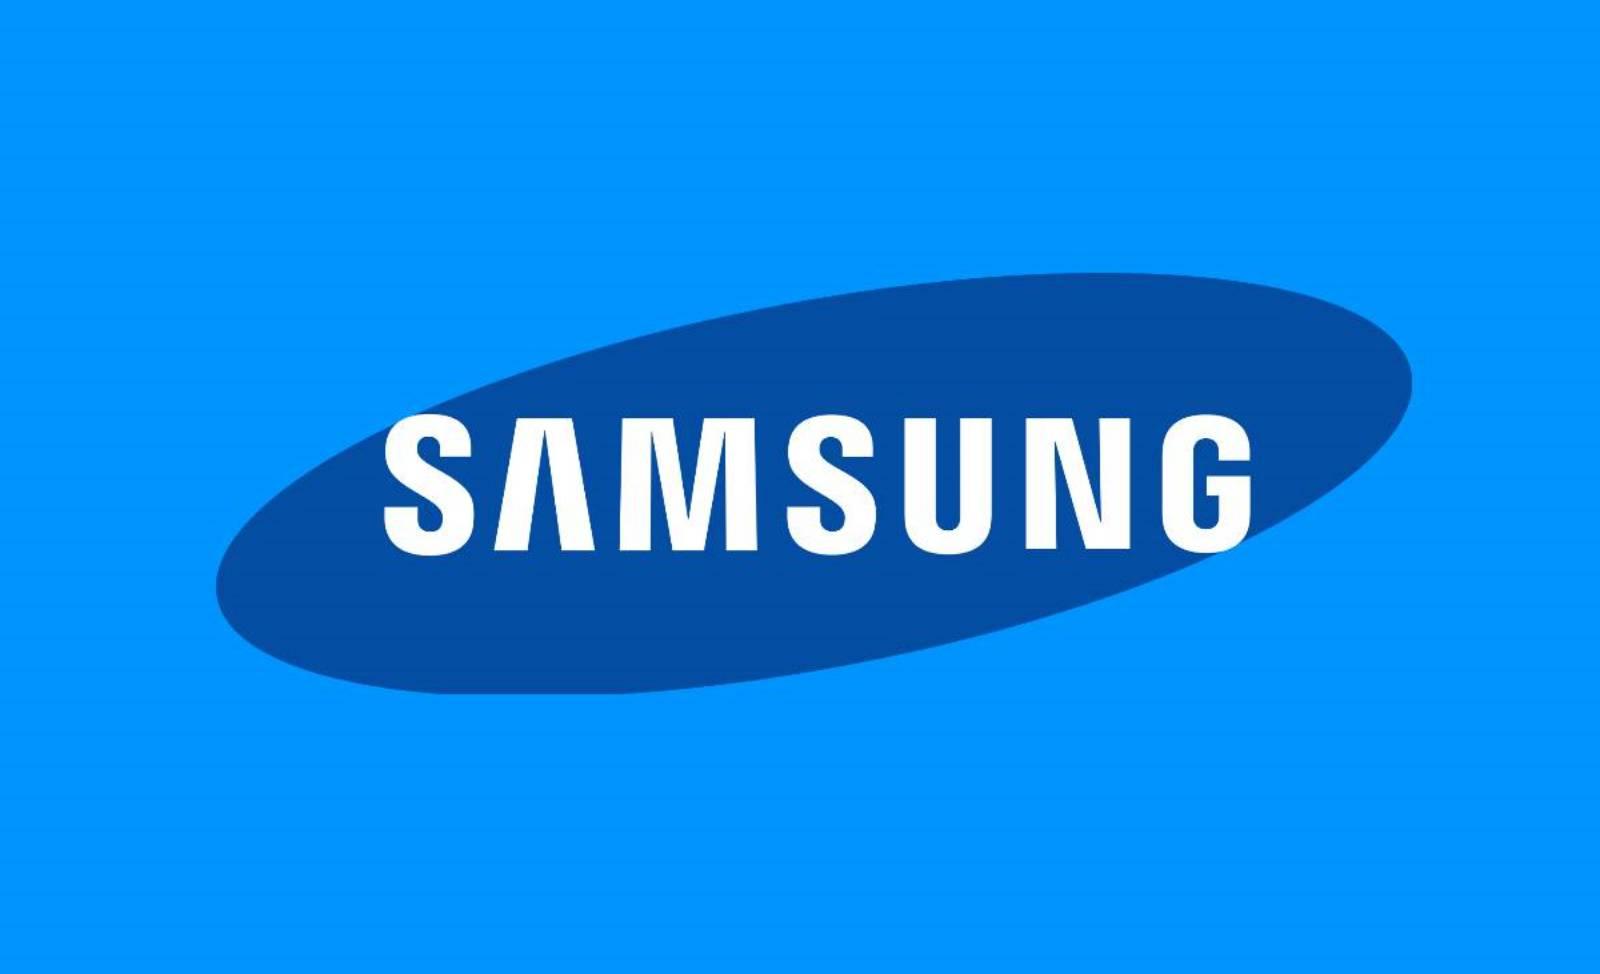 Samsung inovatii